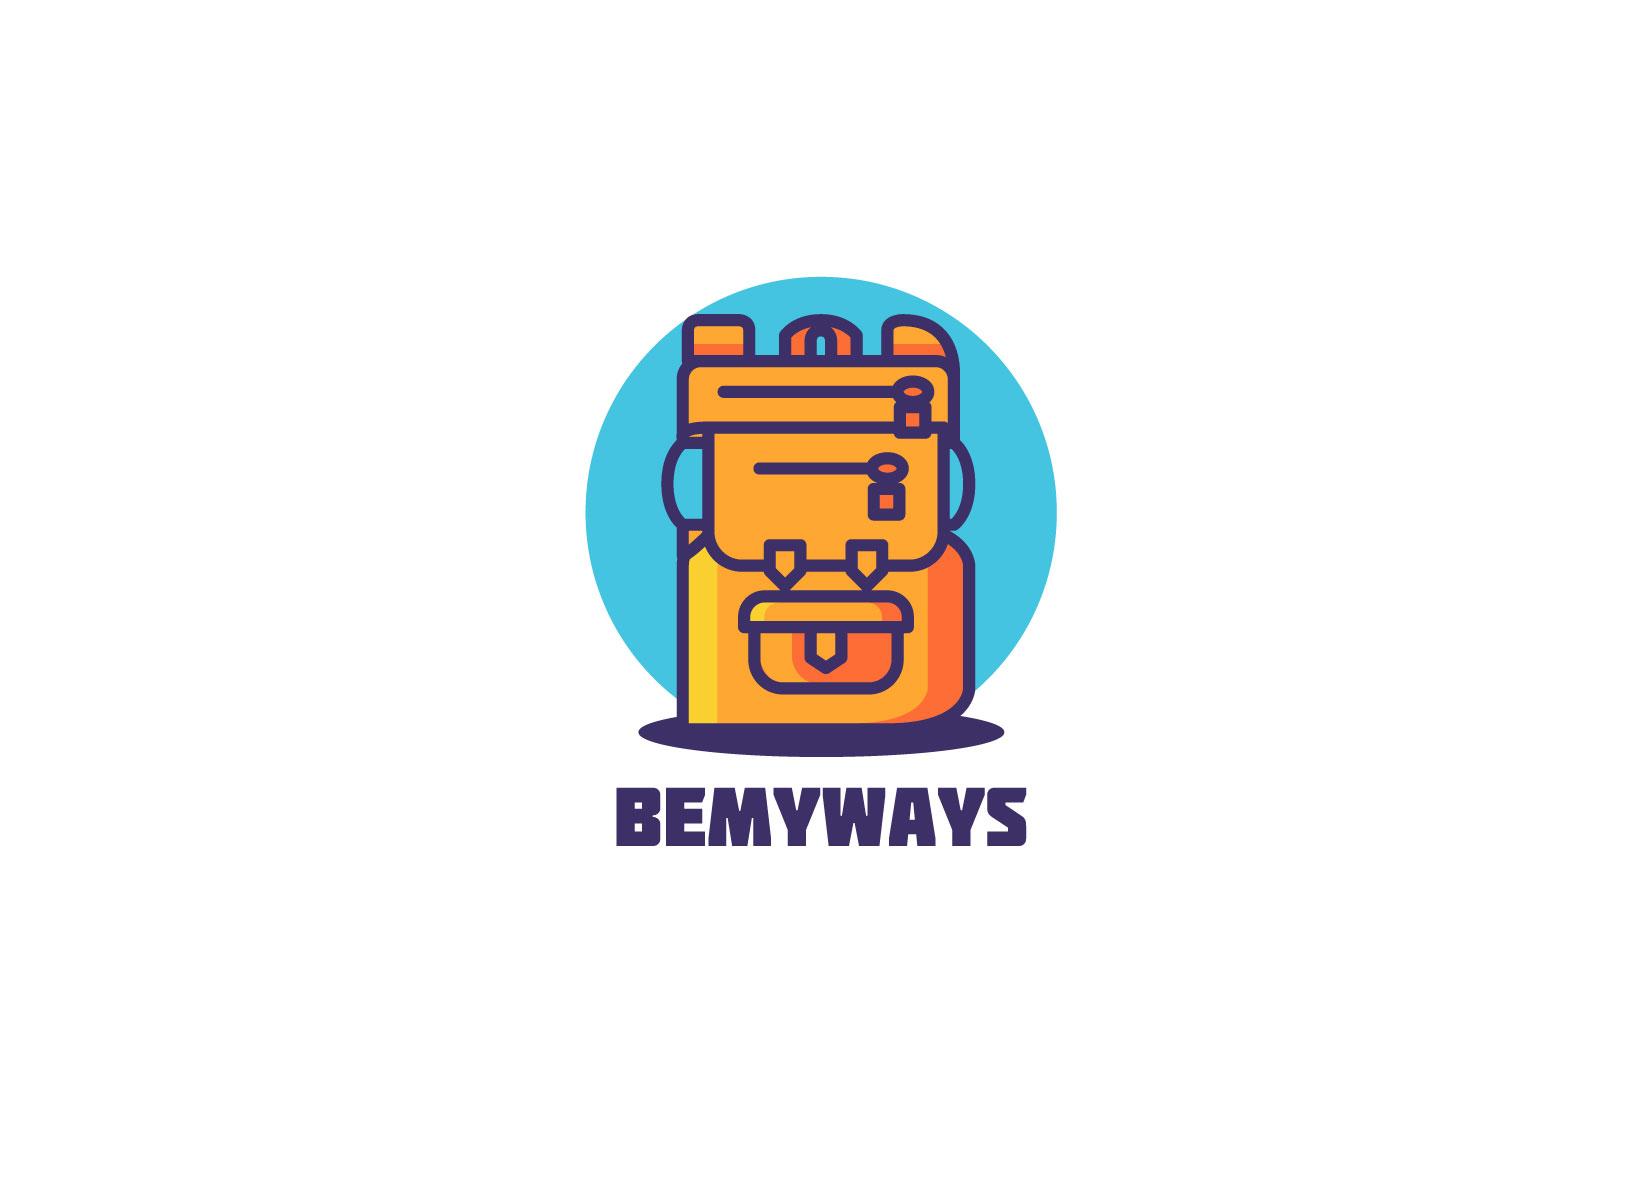 Разработка логотипа и иконки для Travel Video Platform фото f_5495c3768b849868.jpg